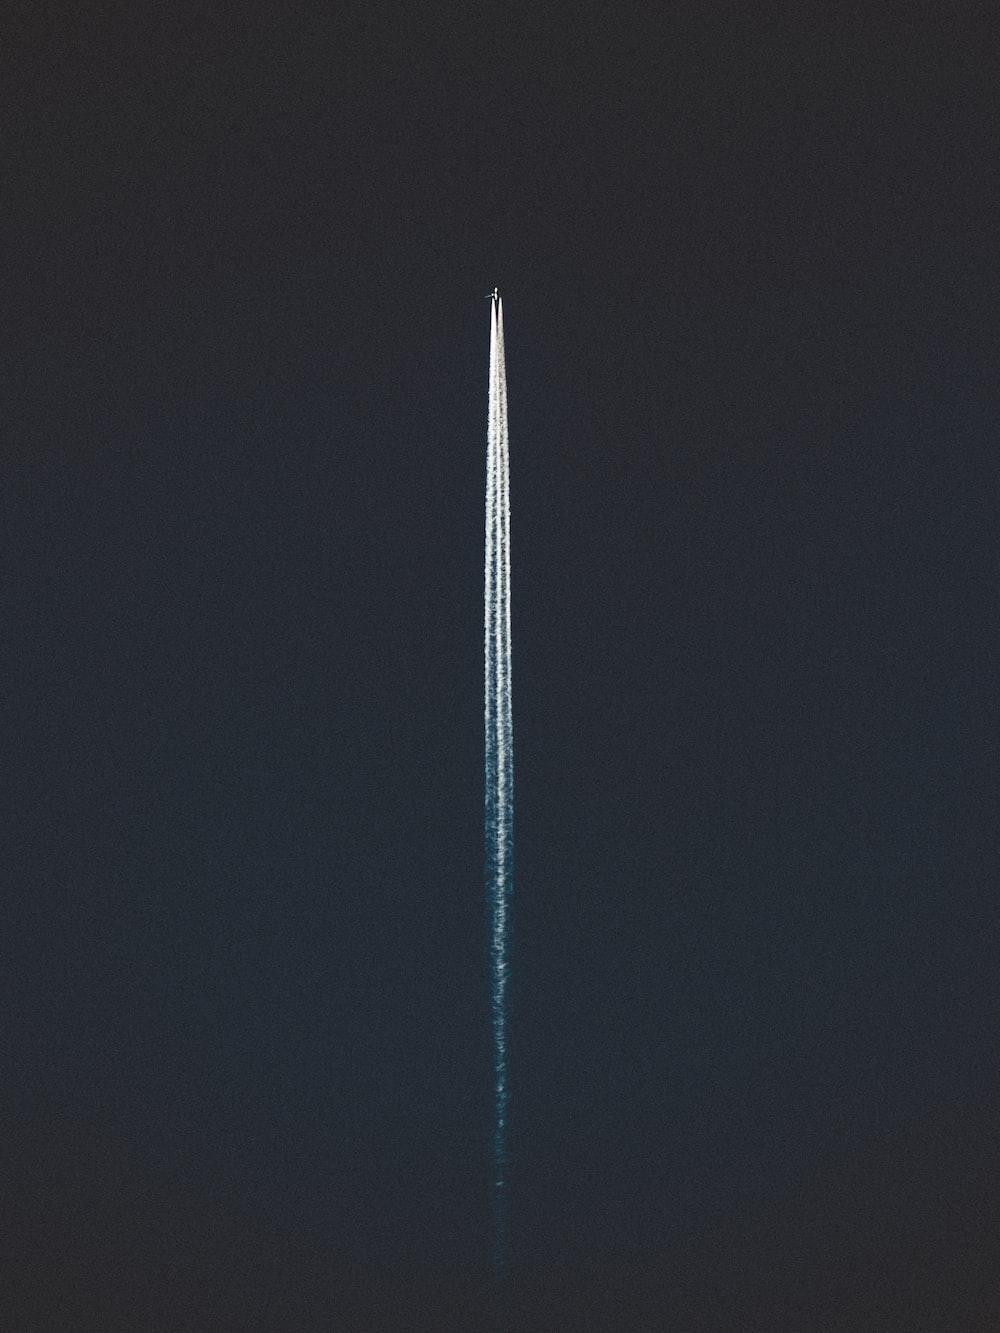 white string light on black background